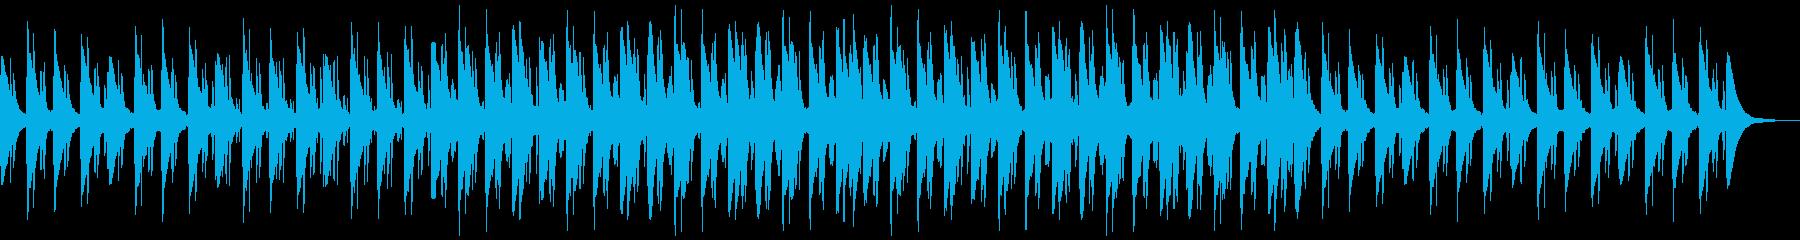 チャイナシティ感のあるシンセサイザー曲の再生済みの波形